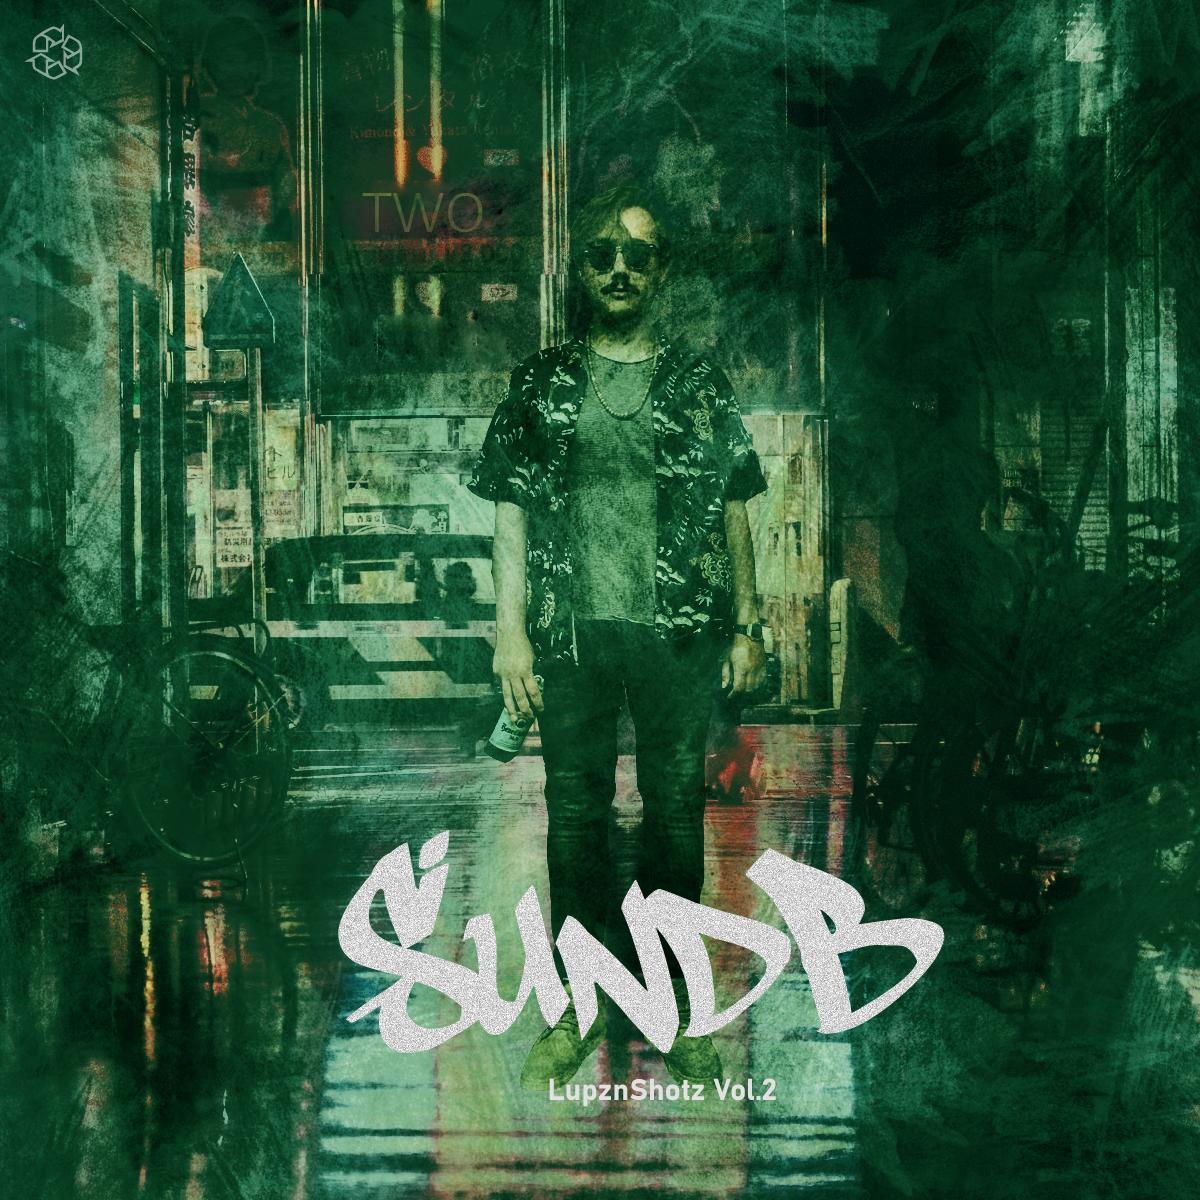 SundB – Lupznshotz Vol. 2